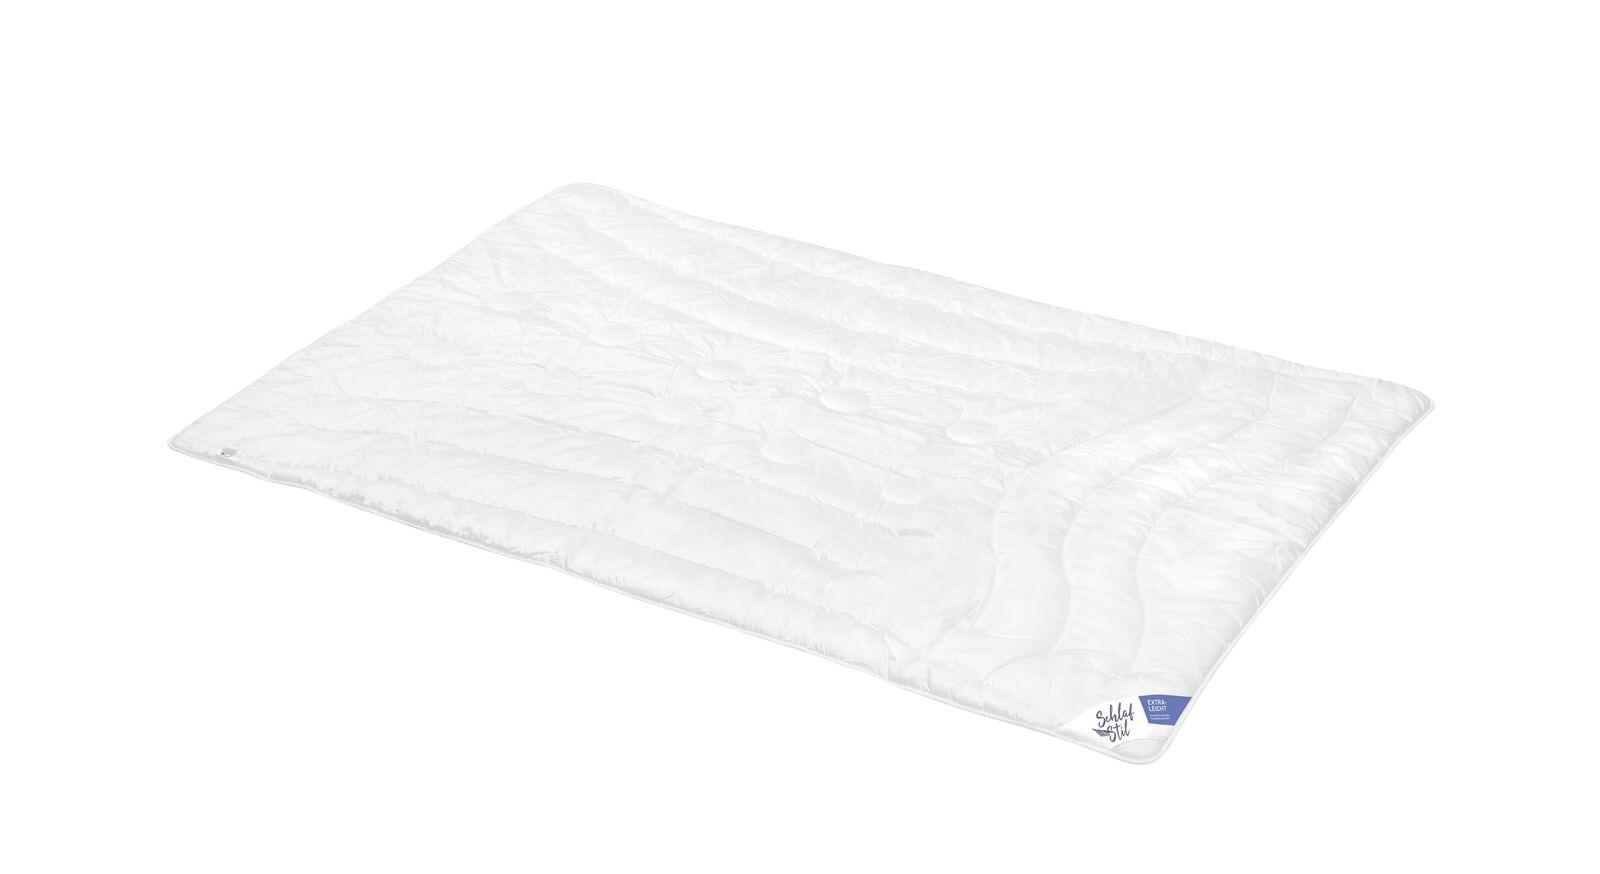 SCHLAFSTIL Markenfaser-Bettdecke F400 extra leicht ideal bei Hitze